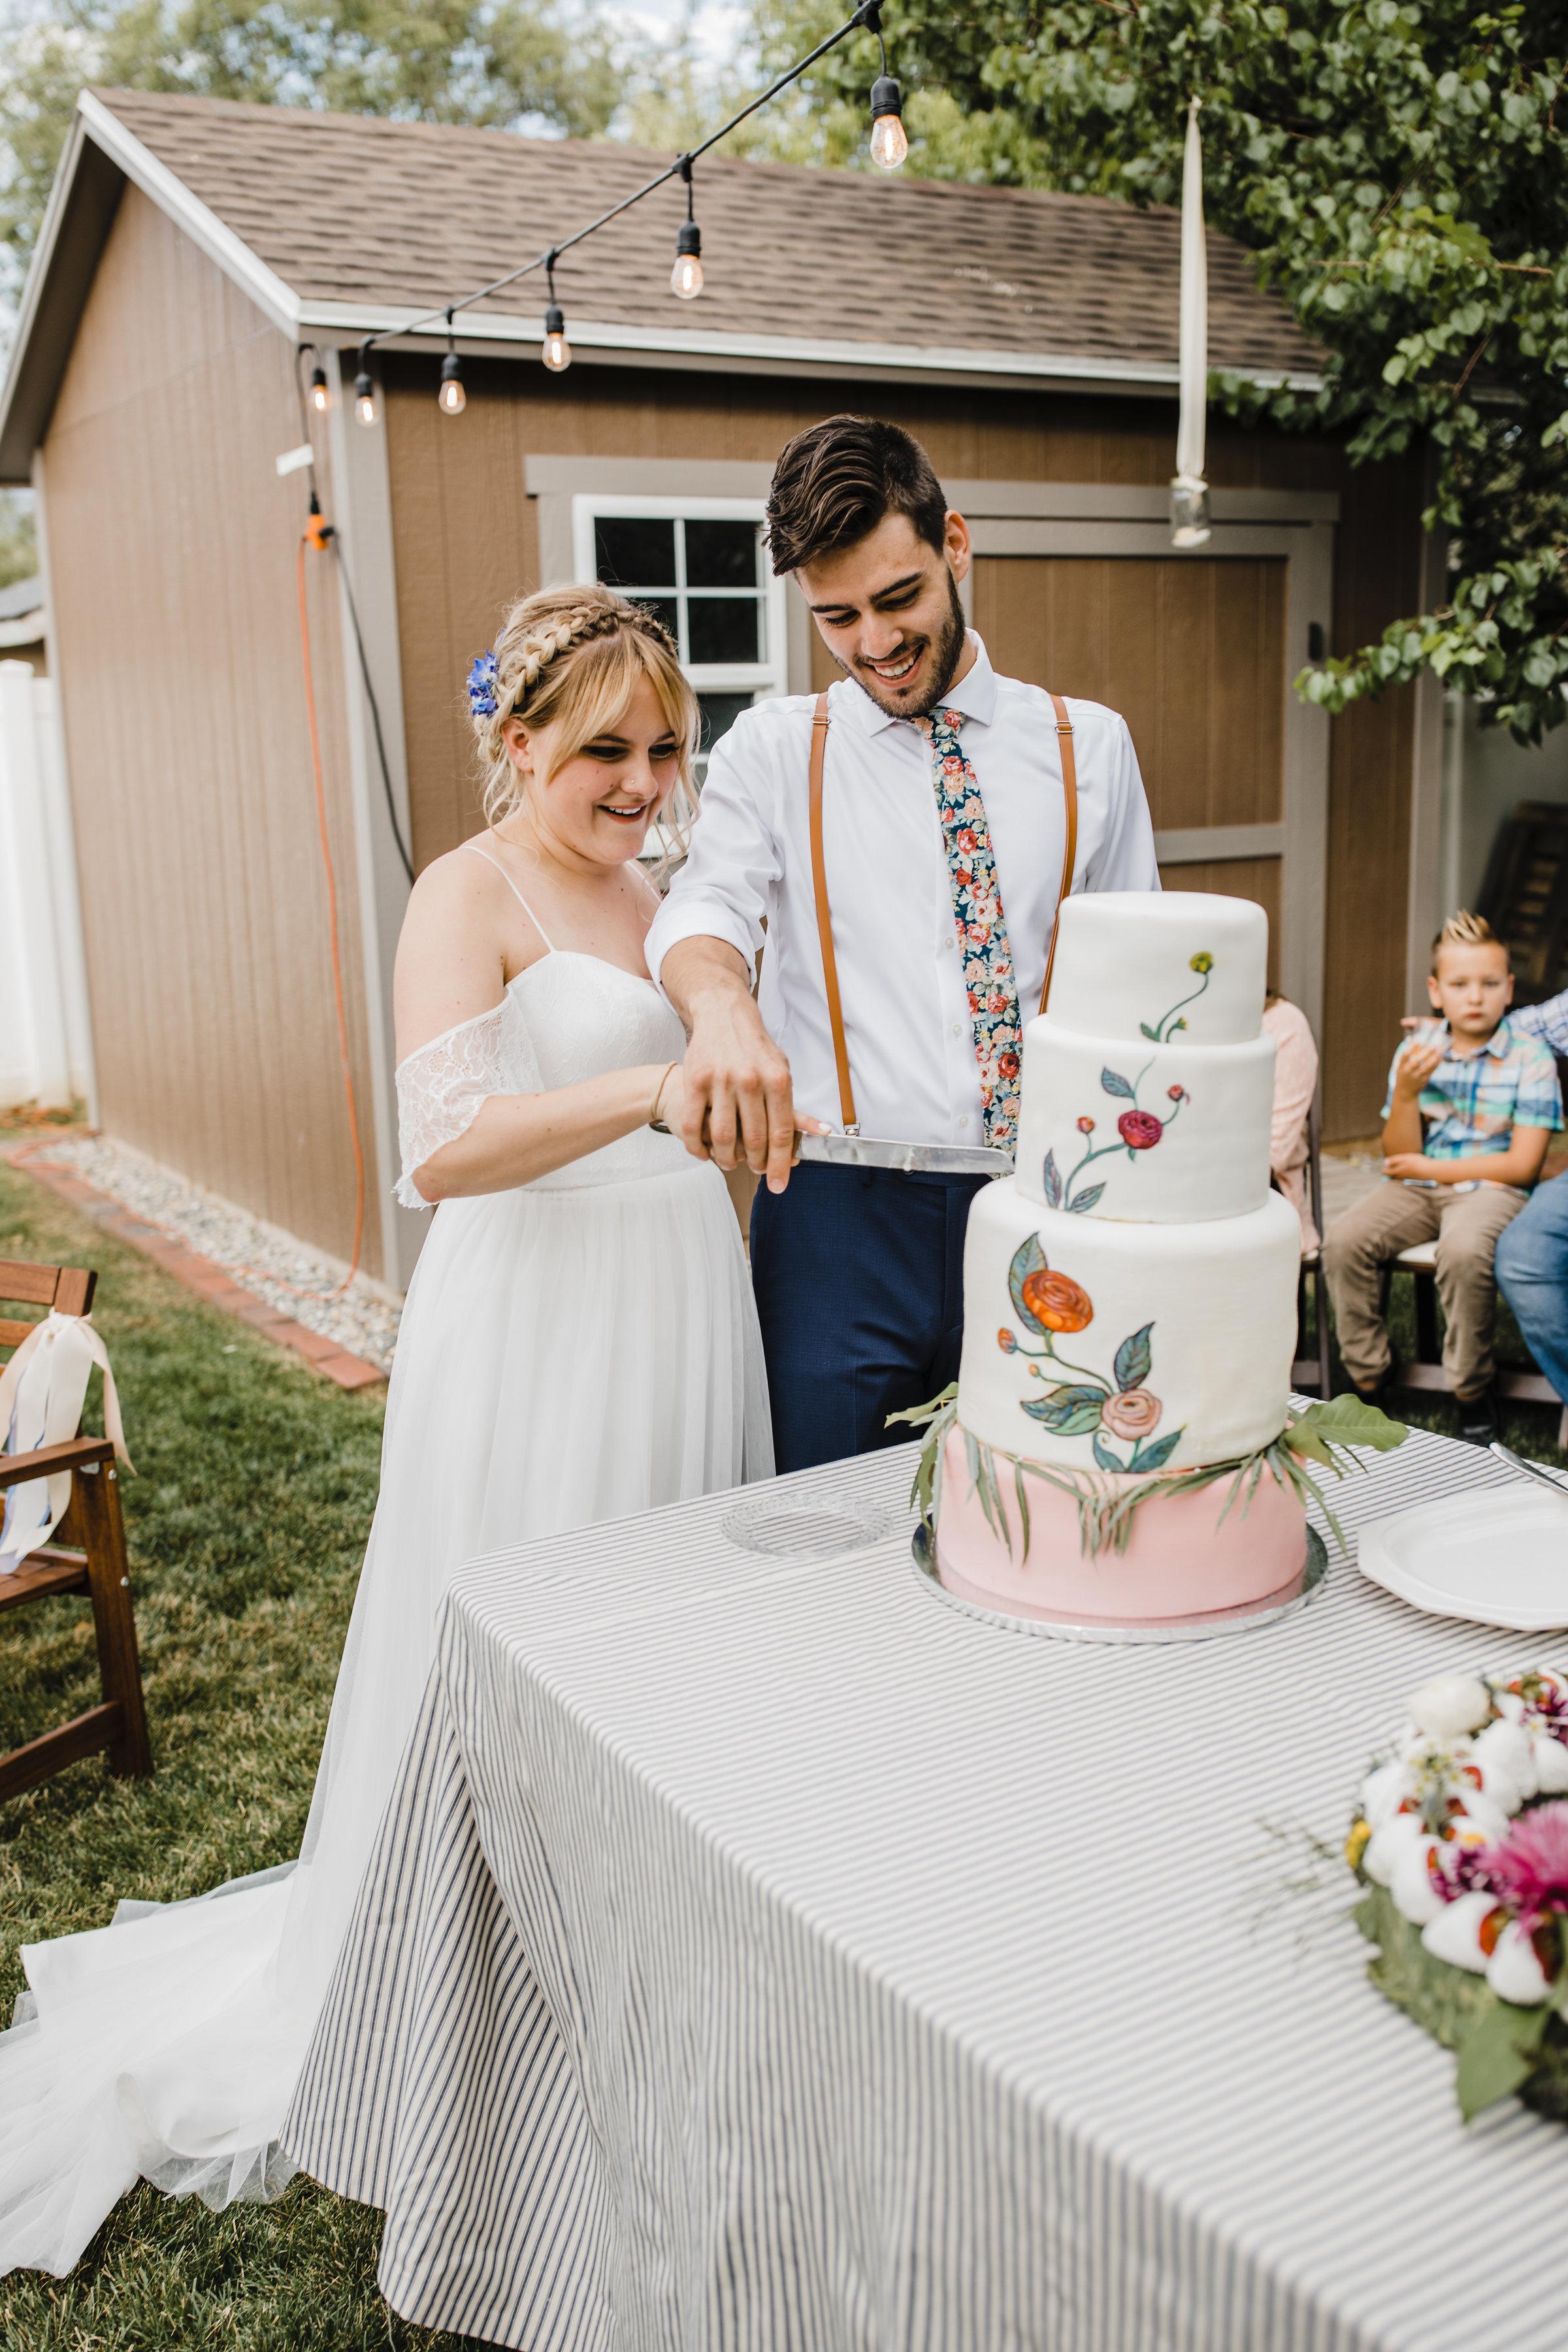 Salt Lake city utah wedding photographer cutting cake smiling floral painted cake